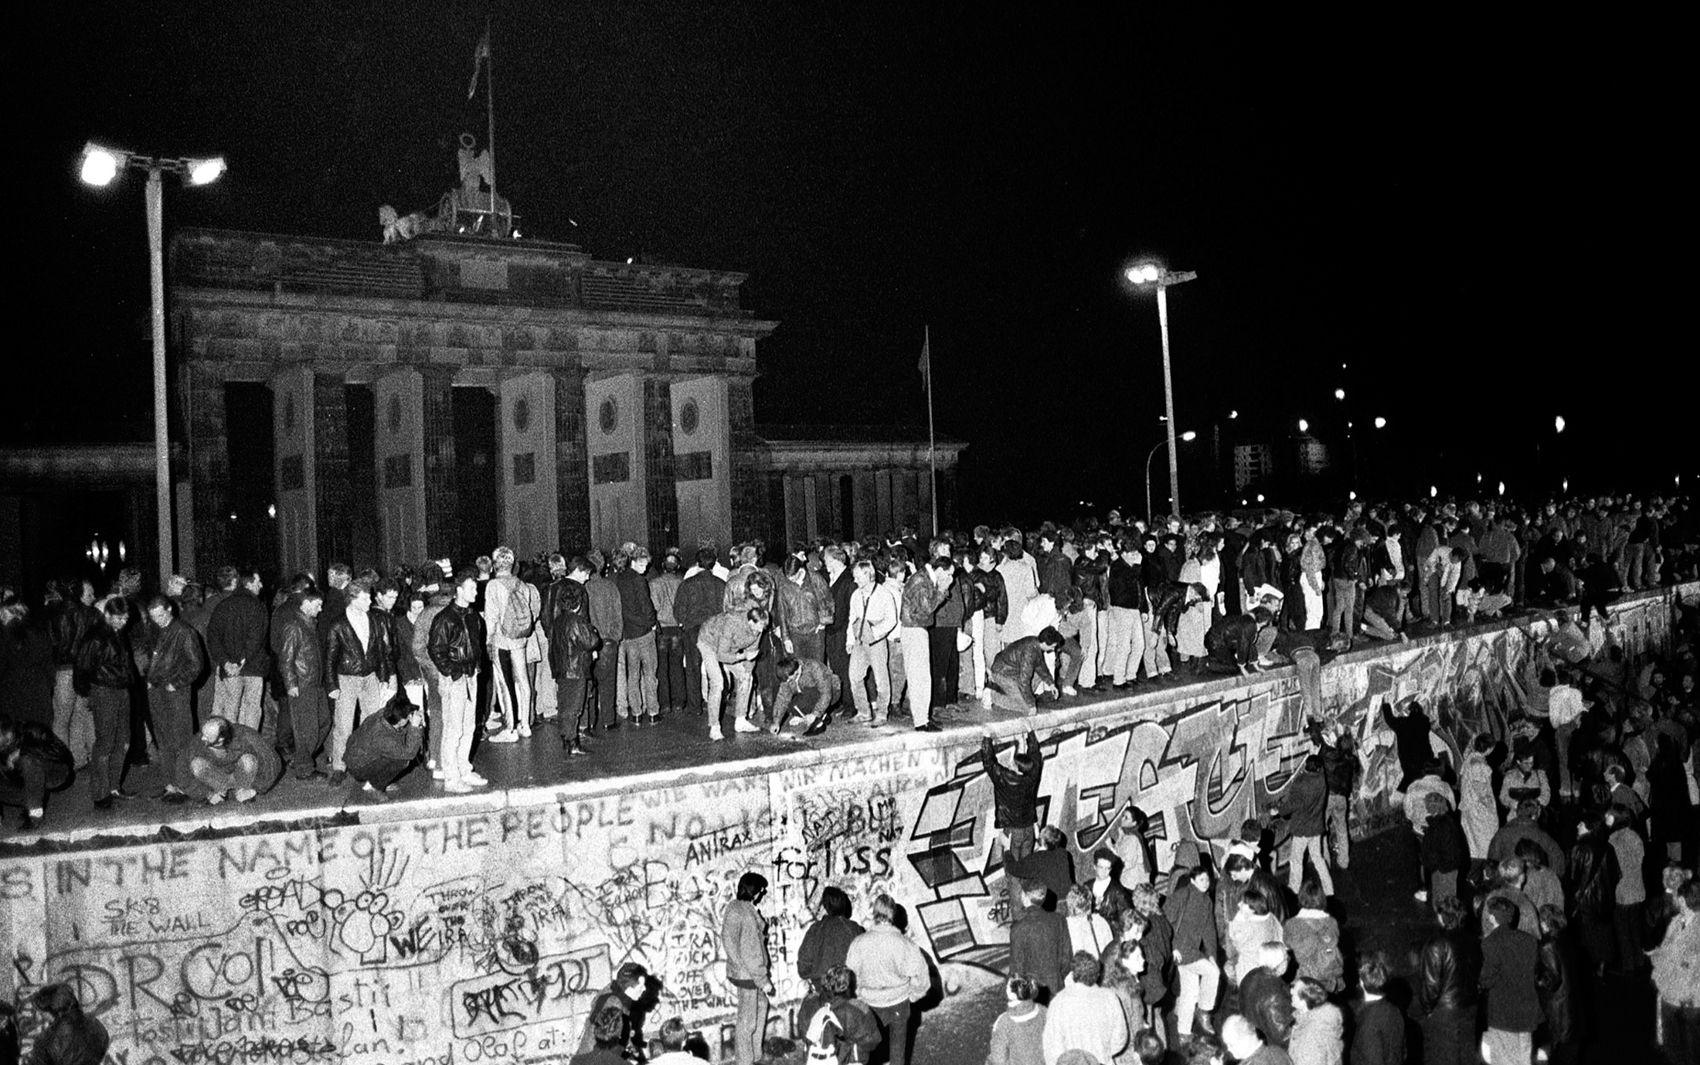 Foto de arquivo de 9 de novembro de 1989 mostra cidadãos da Alemanha oriental e ocidental comemorando ao subir no muro de Berlim no Portão de Brandemburgo, após a abertura da fronteira da Alemanha Oriental ser anunciada em Berlim